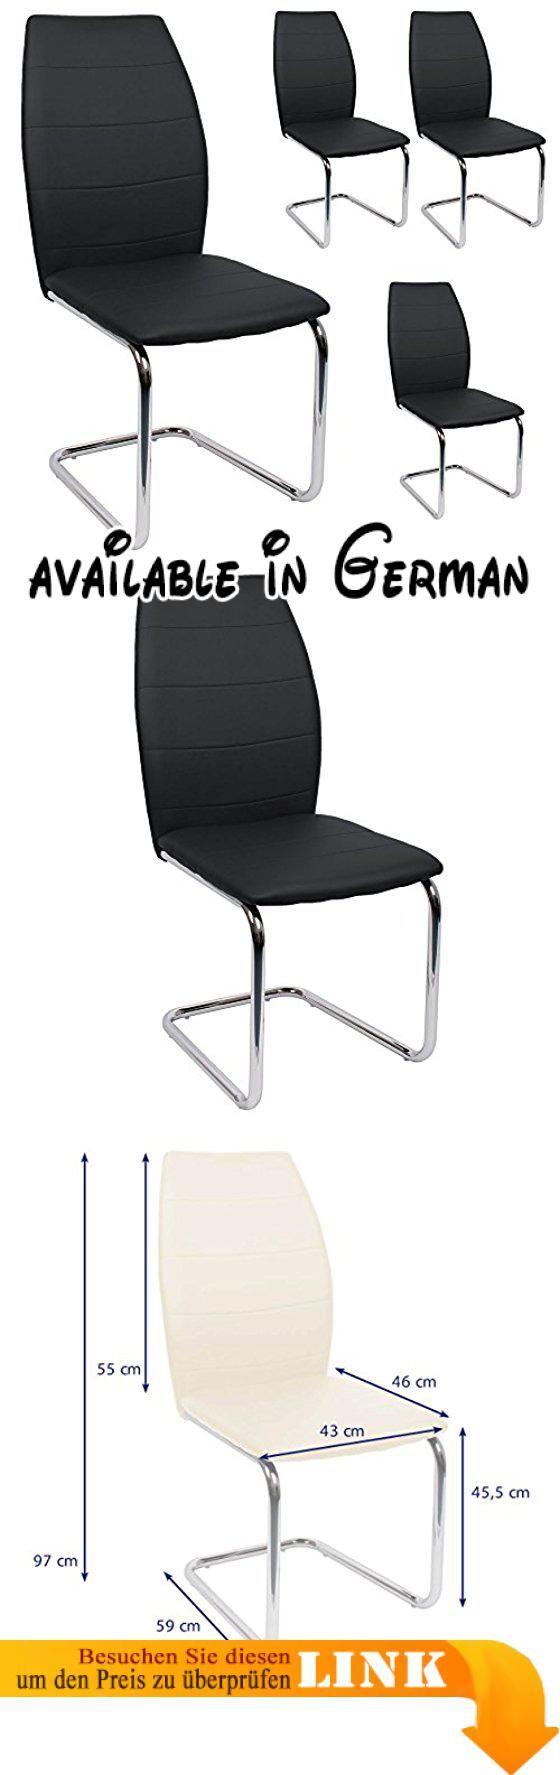 Qualität esszimmer sets bmcqy  svita esszimmerstuhl er set stühle modern